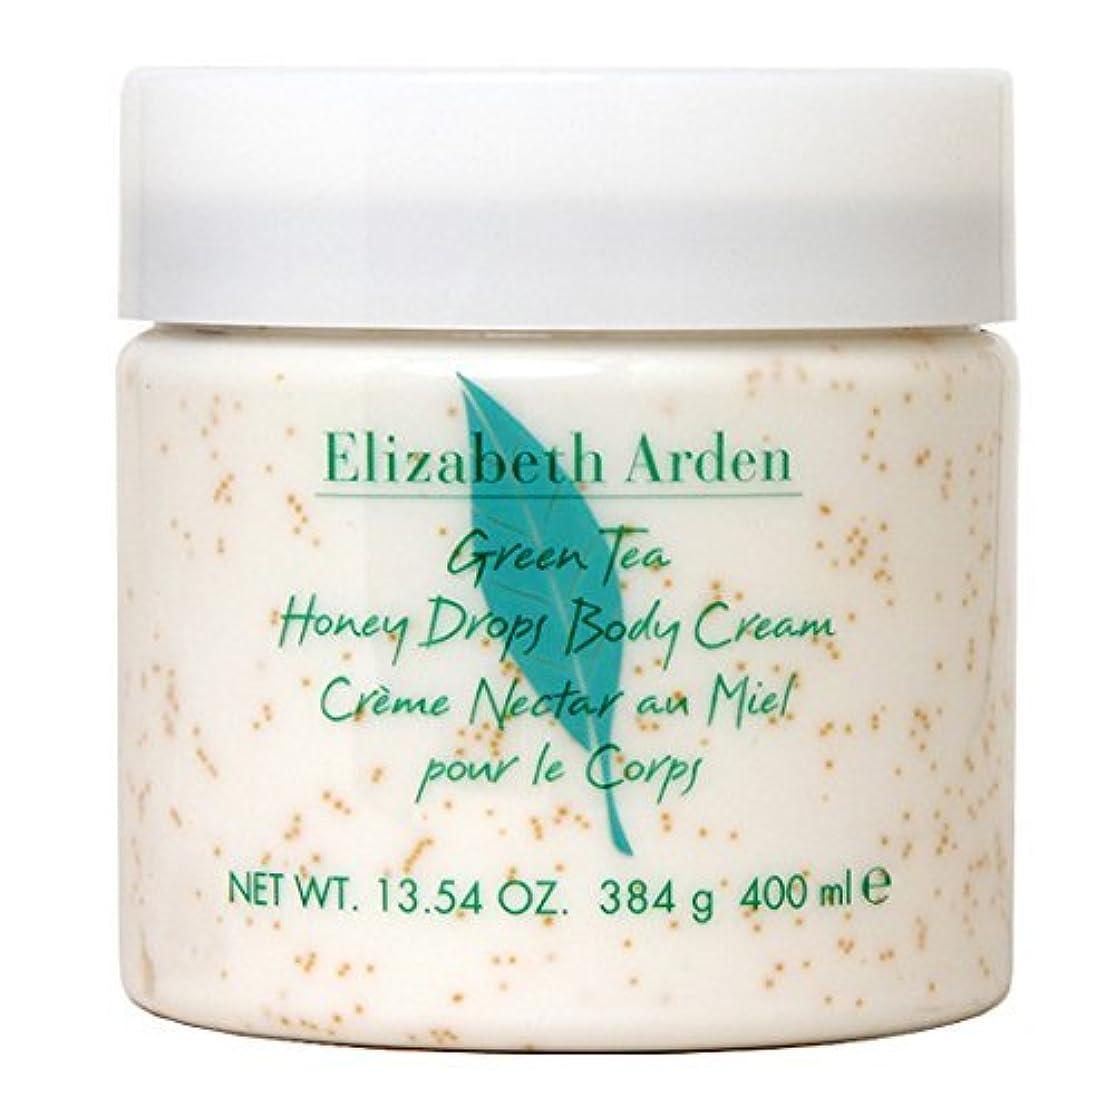 広範囲に解き明かす基準エリザベスアーデン ELIZABETH ARDEN グリーンティー ハニードロップクリーム500ml